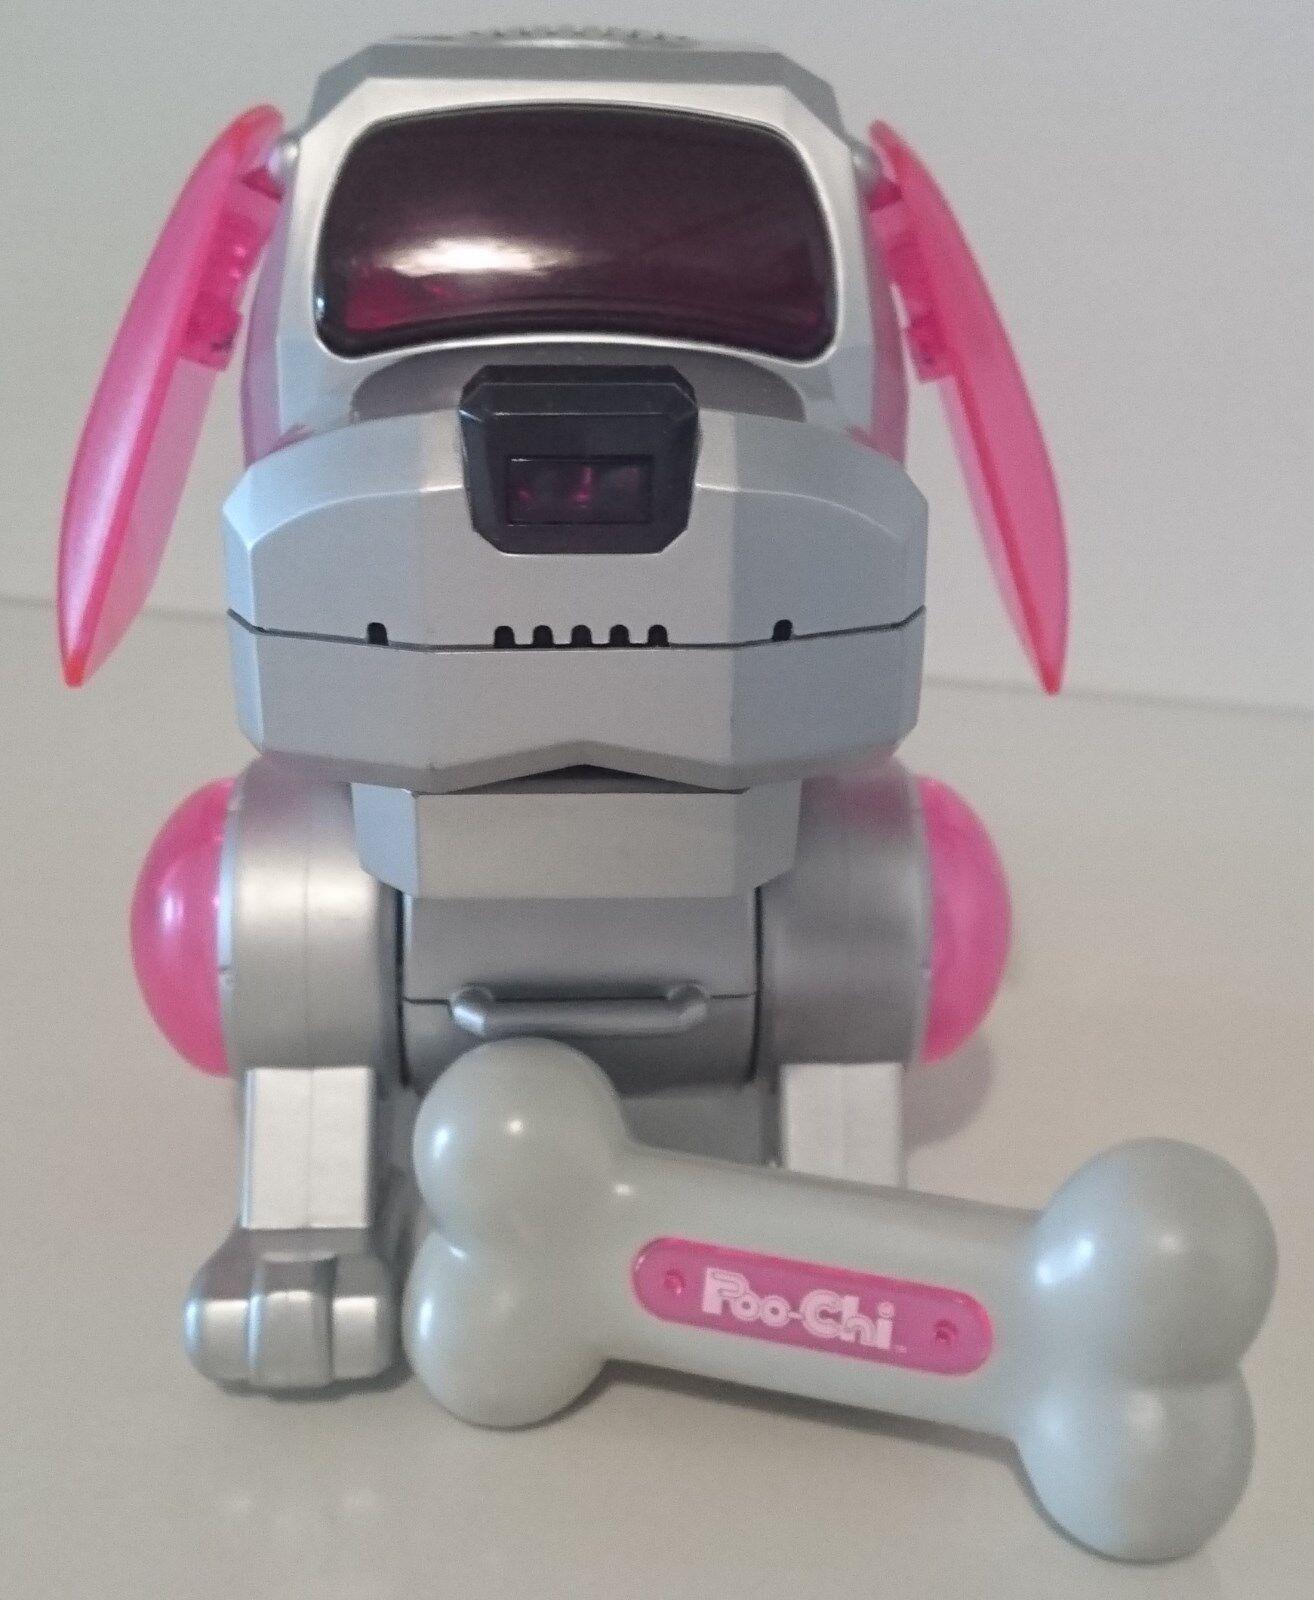 TIGER POO-CHI POOCHI CANE ROBOT ELETTRONICO INTERATTIVO VINTAGE ANNI 1990